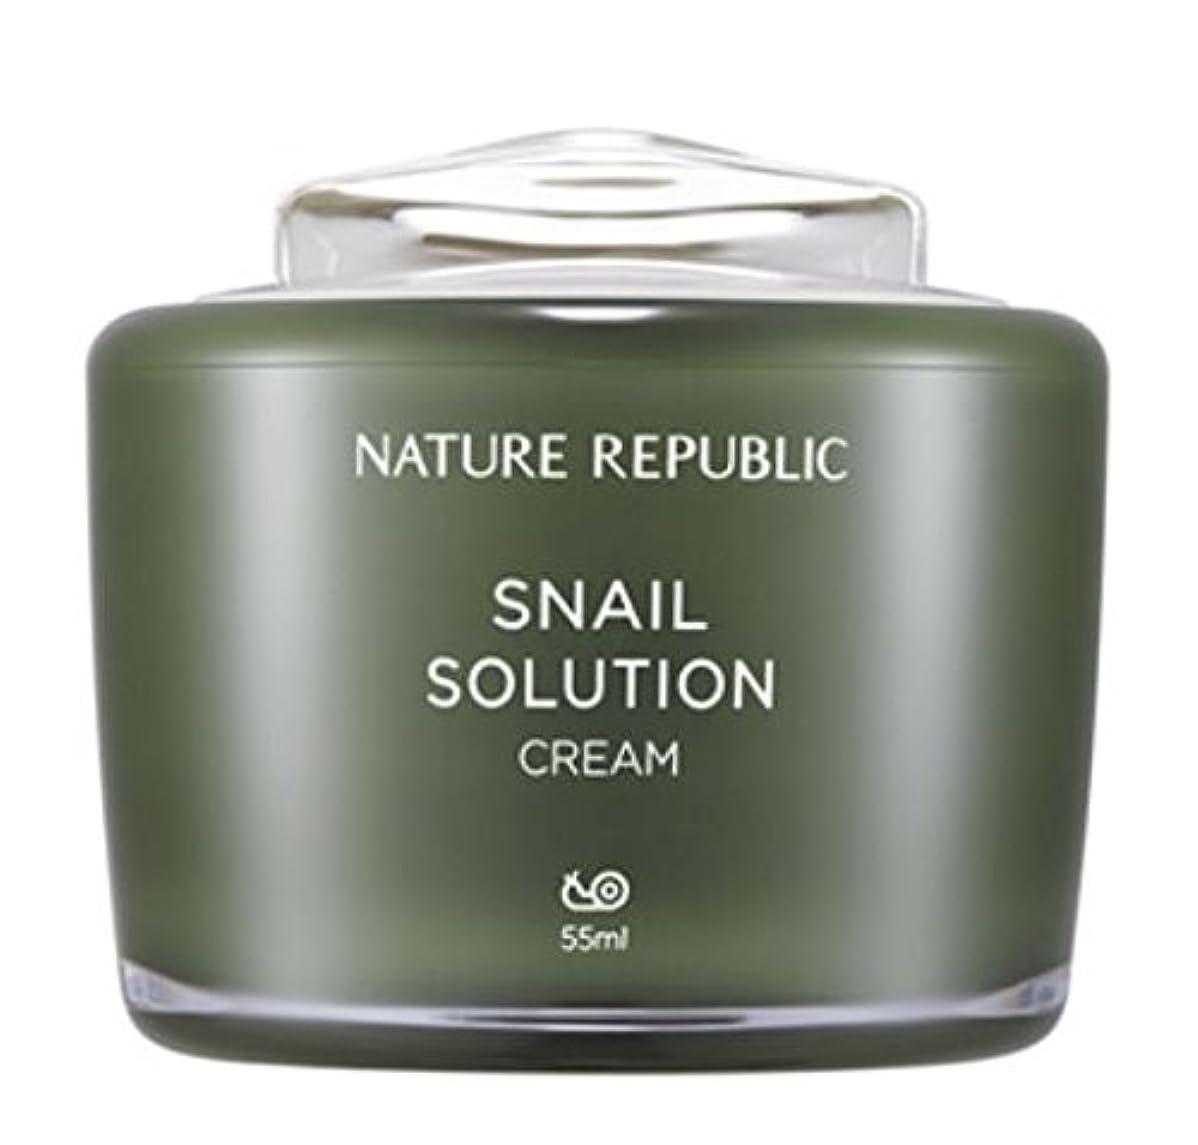 はず雰囲気つかいます正規輸入品 NATURE REPUBLIC(ネイチャーリパブリック) S SOL クリーム b 55ml NK0637